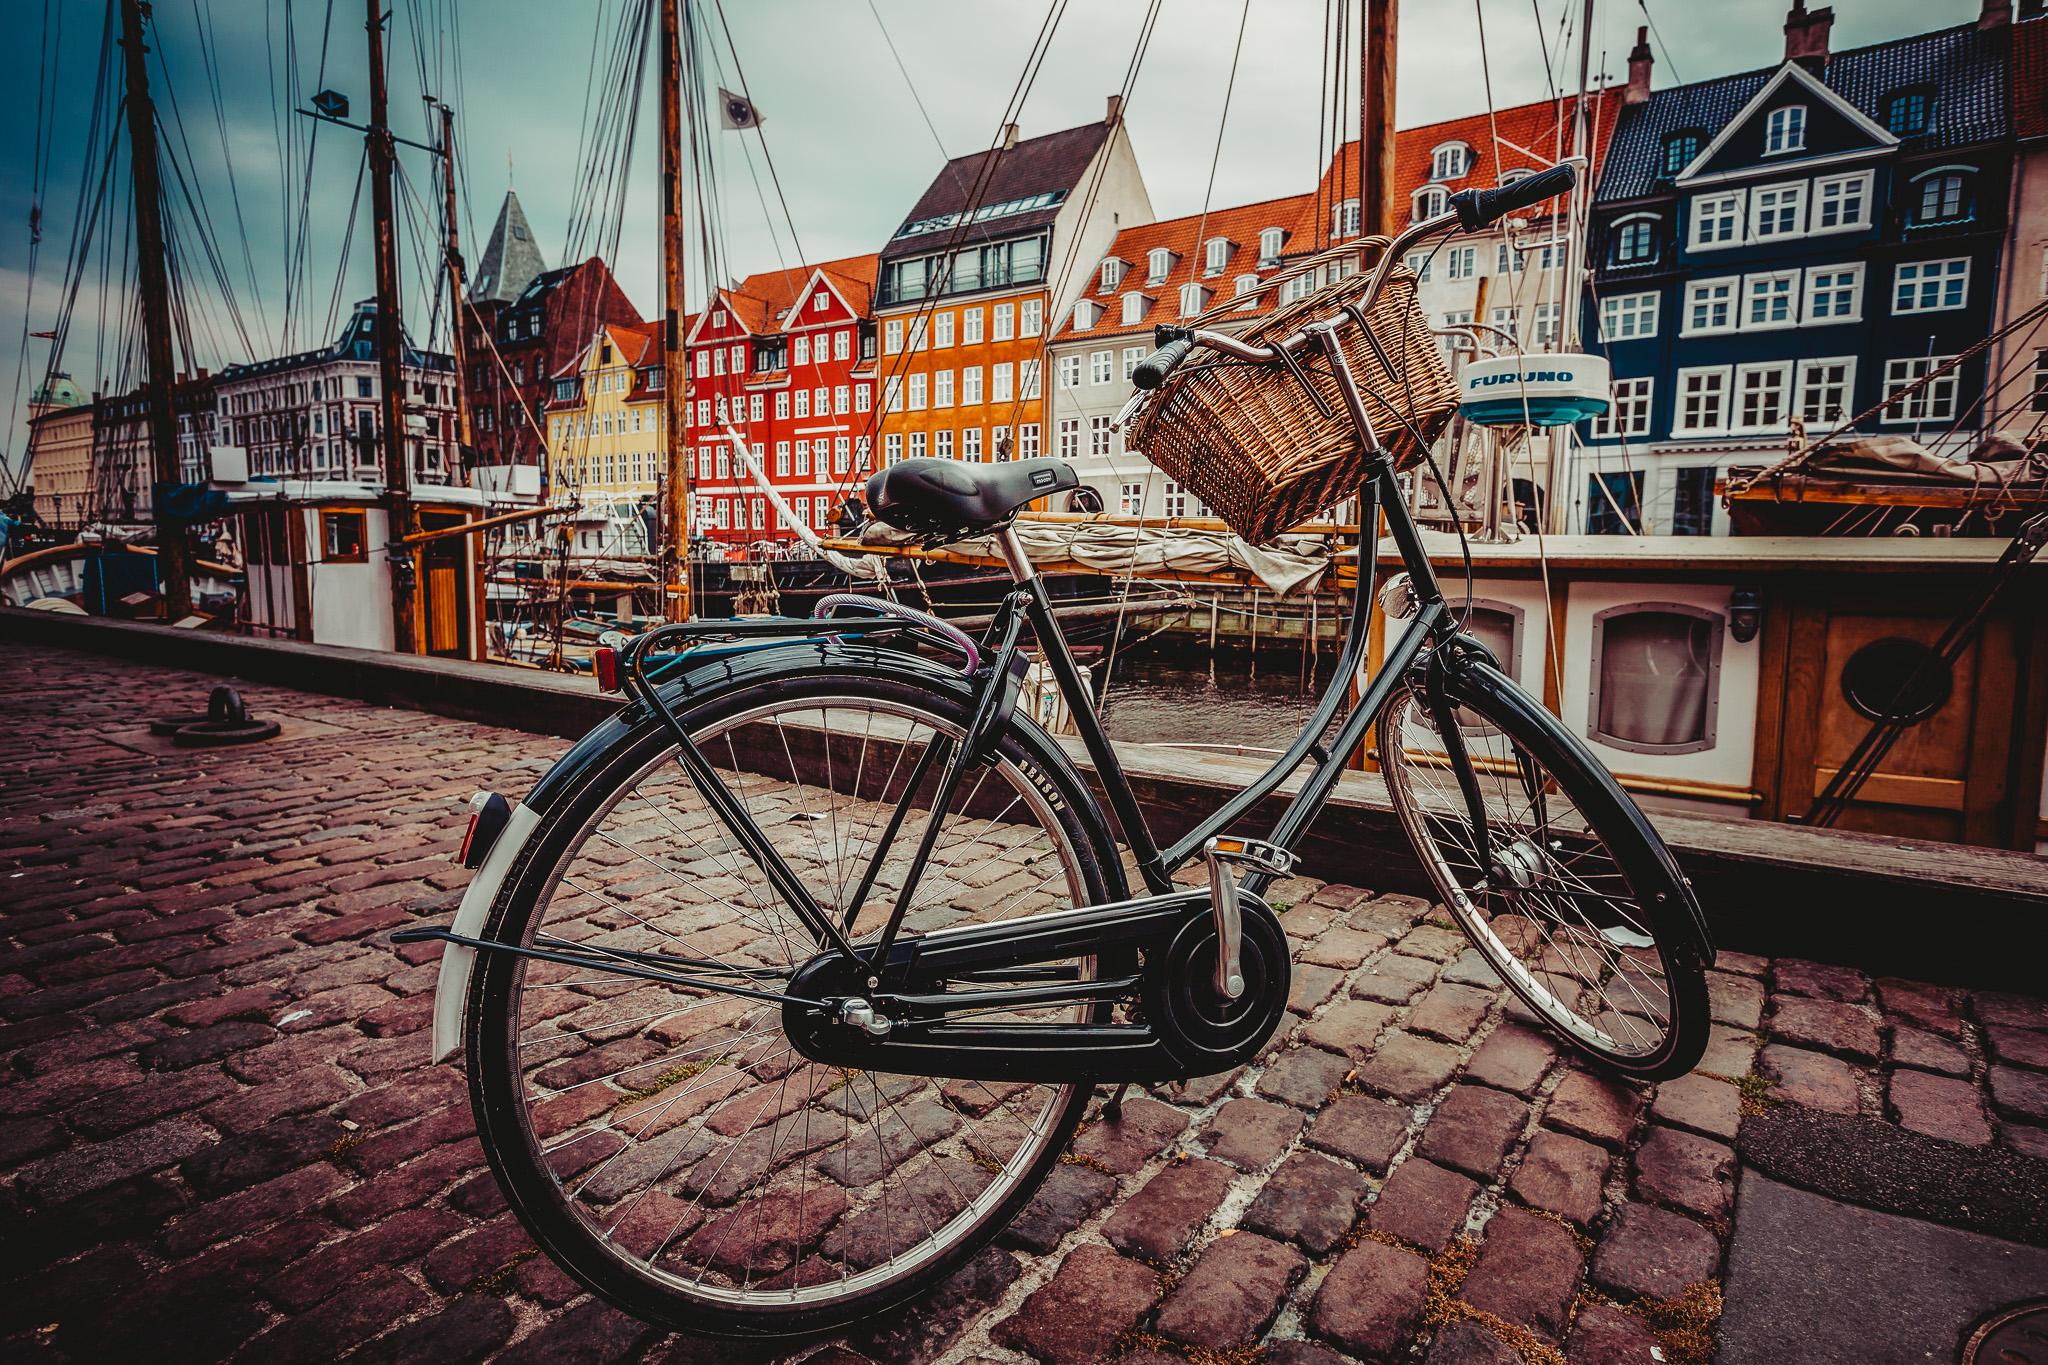 bike at nyhavn copenhagen denmark